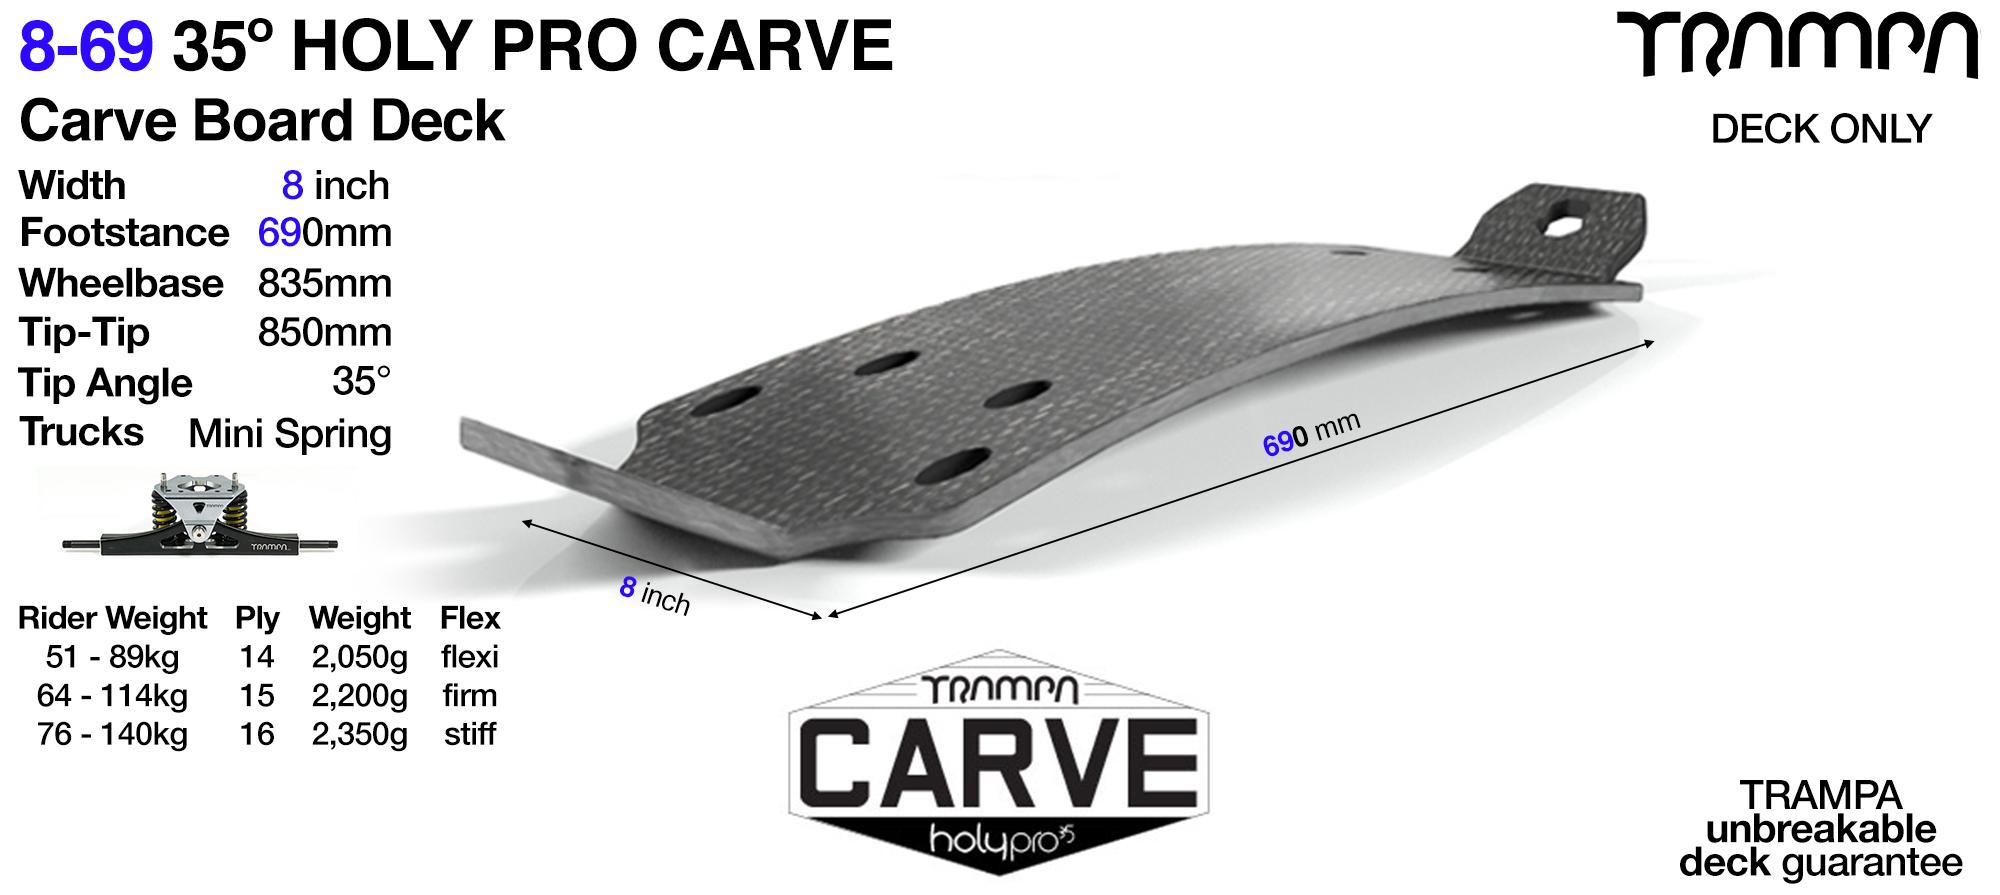 35° Original 9-69 HOLYPRO Carve Deck